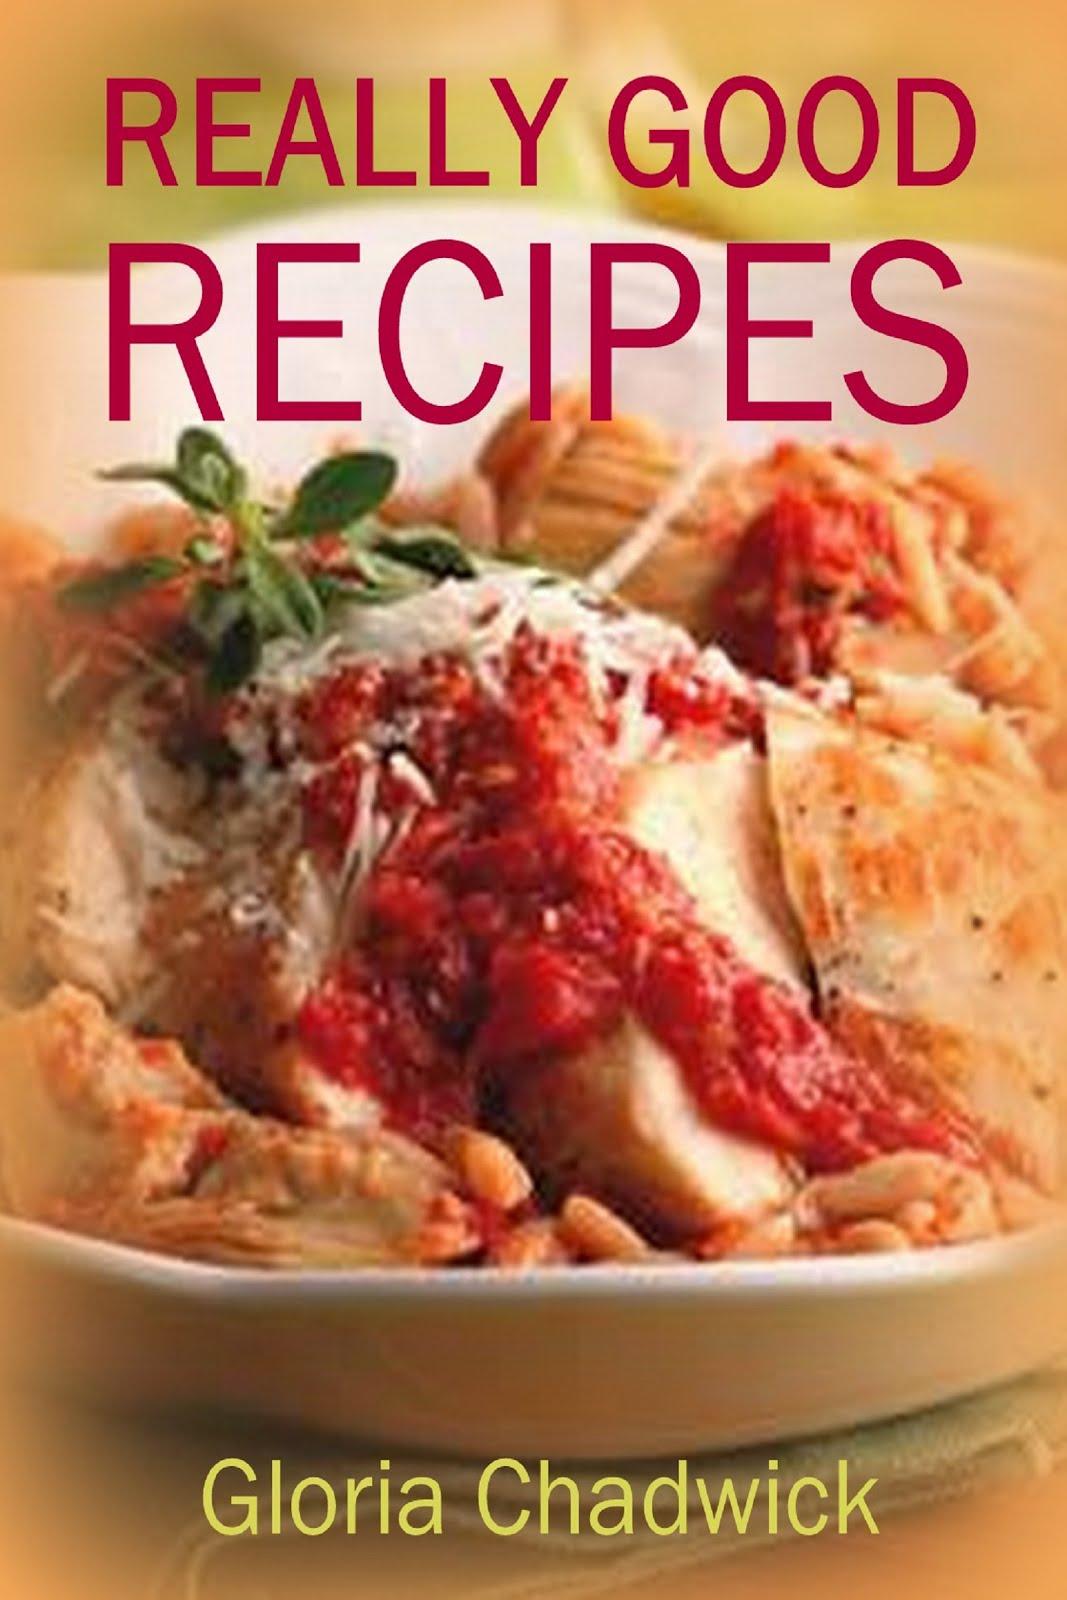 Really Good Recipes